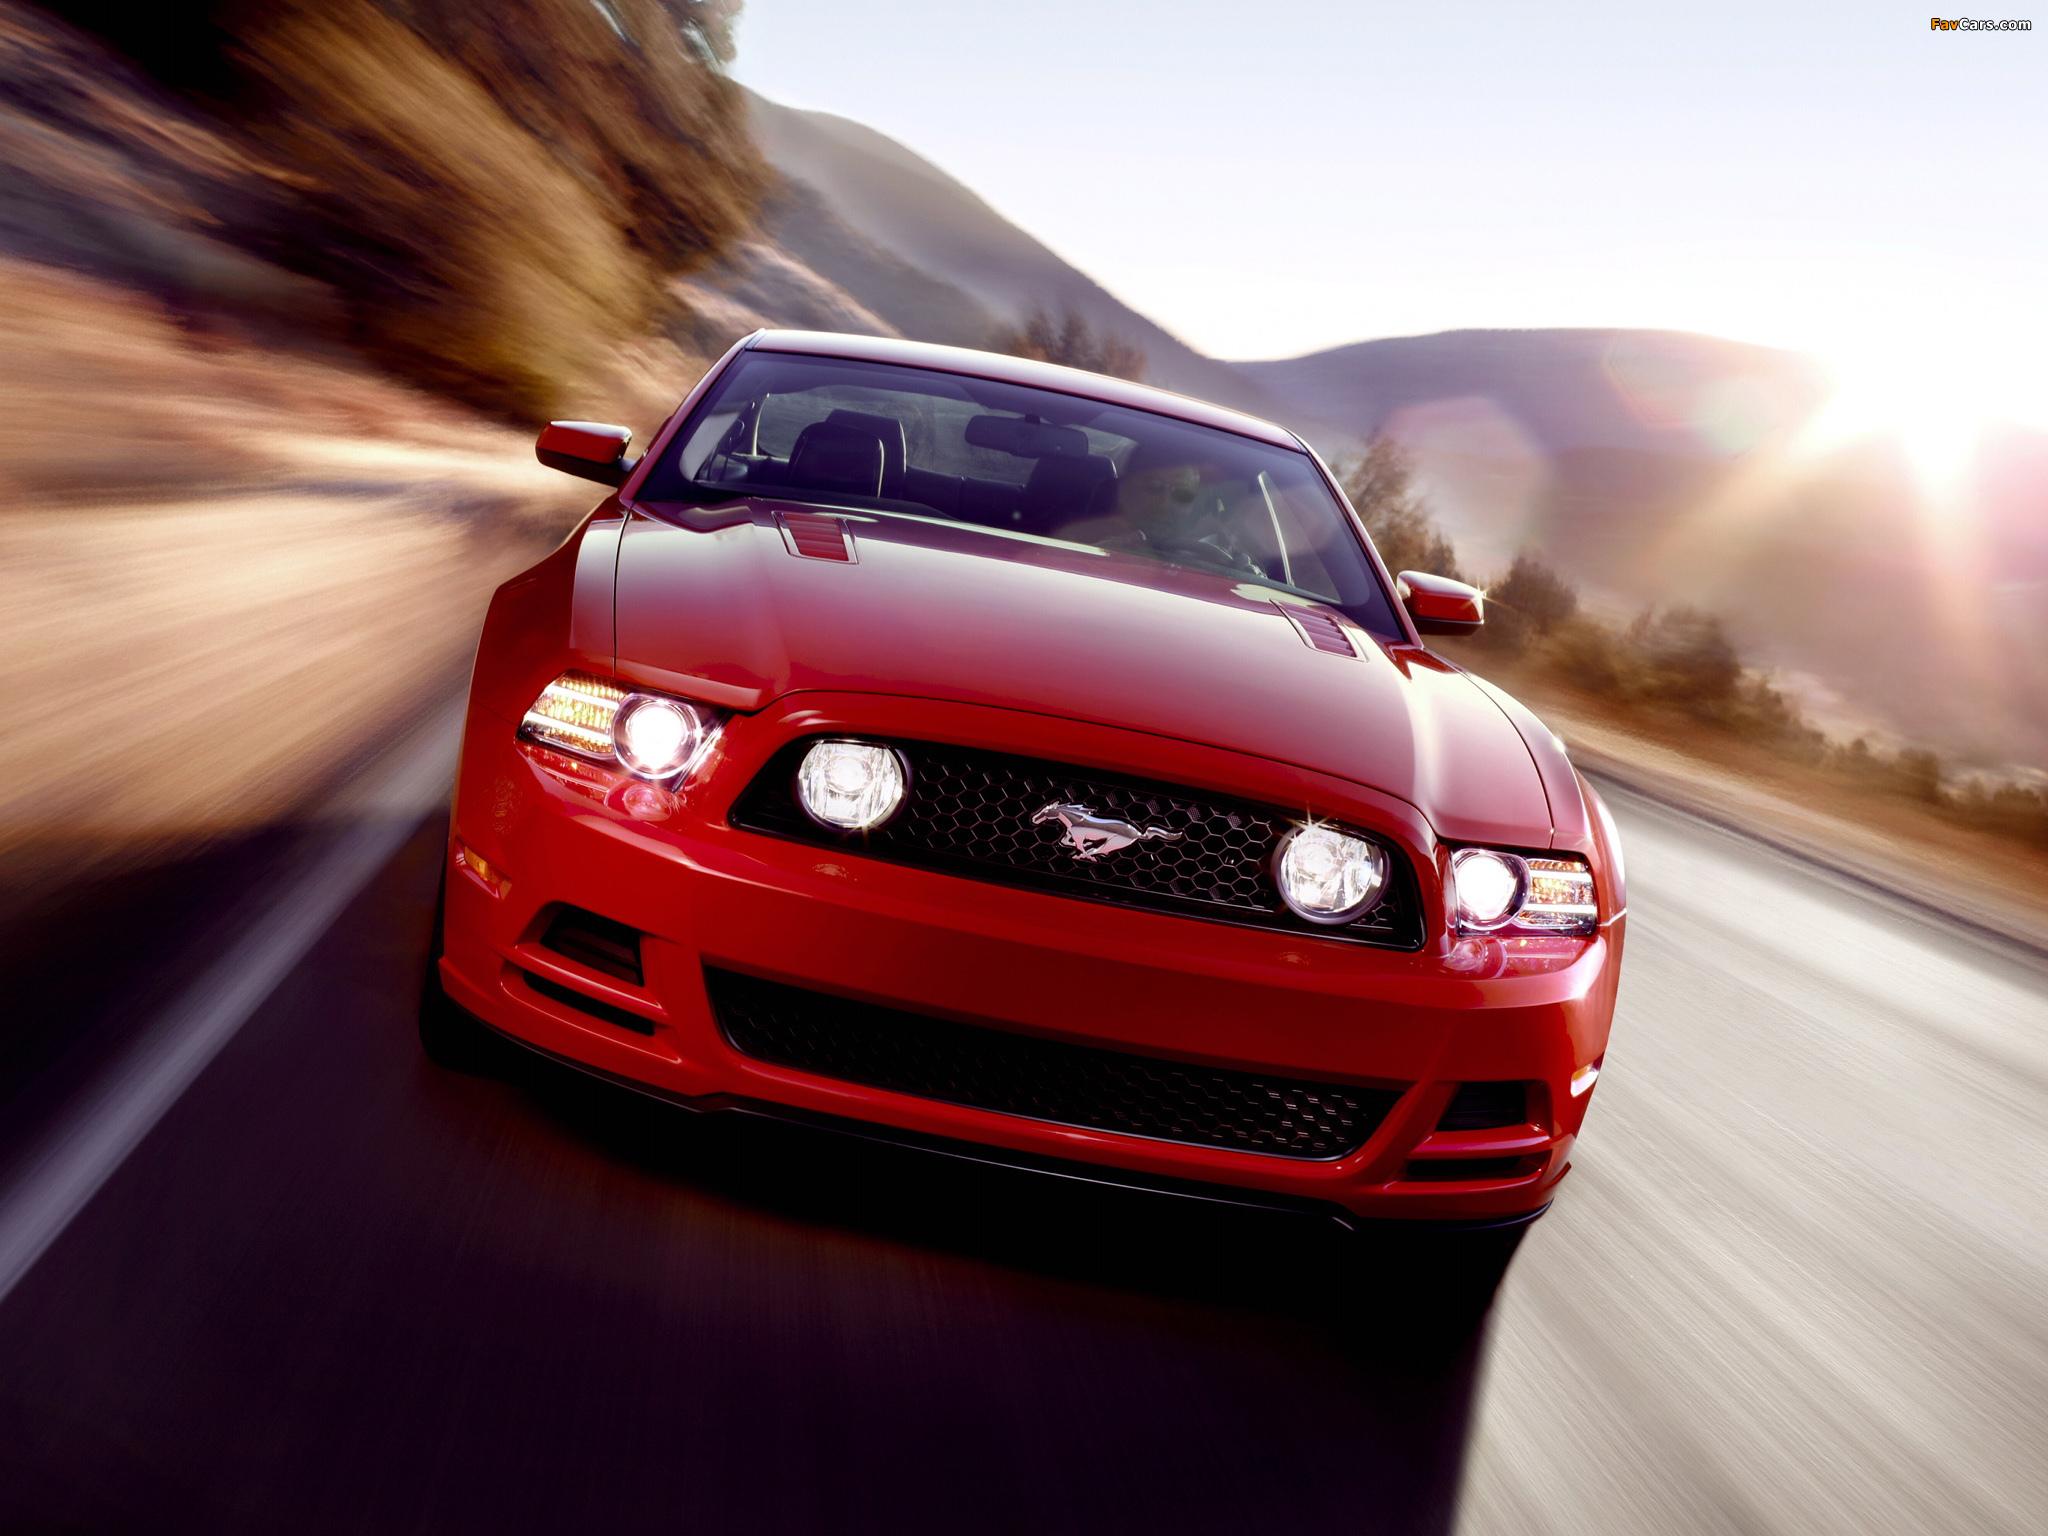 Mustang 5.0 GT 2012 photos (2048 x 1536)